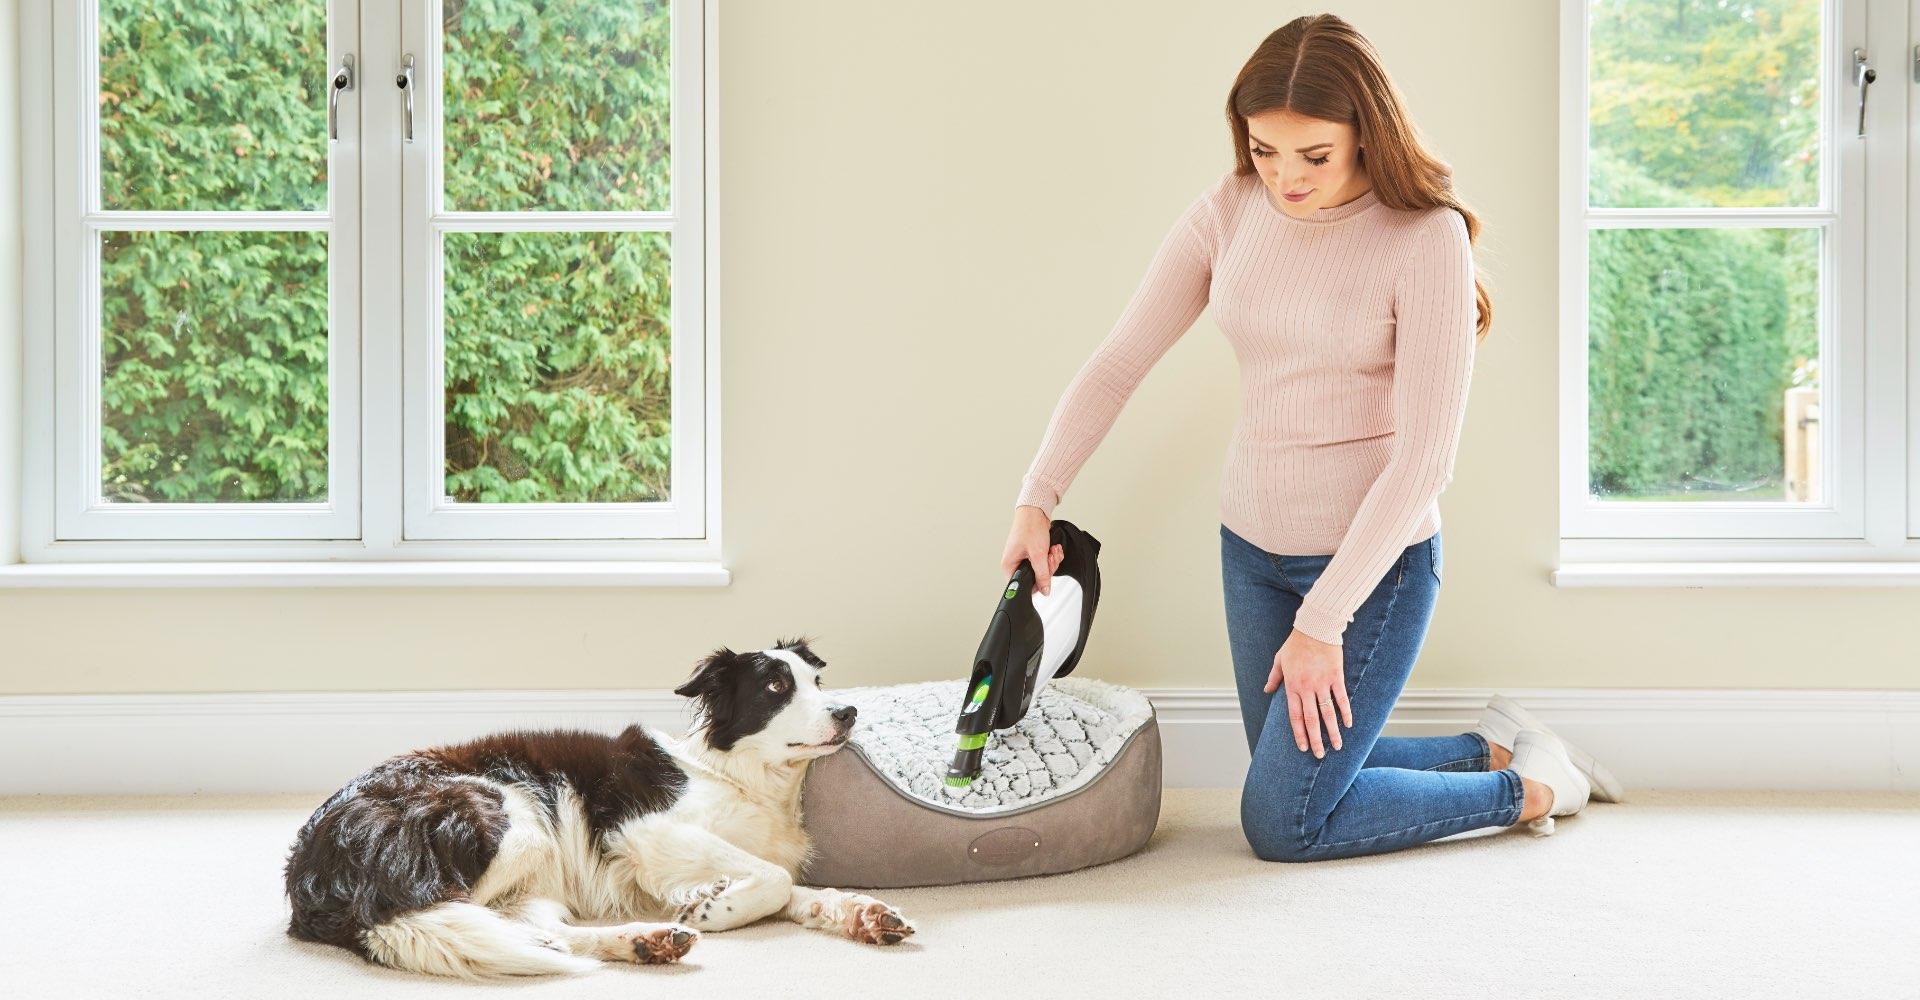 ProLite handheld vacuum with dusting brush attachment